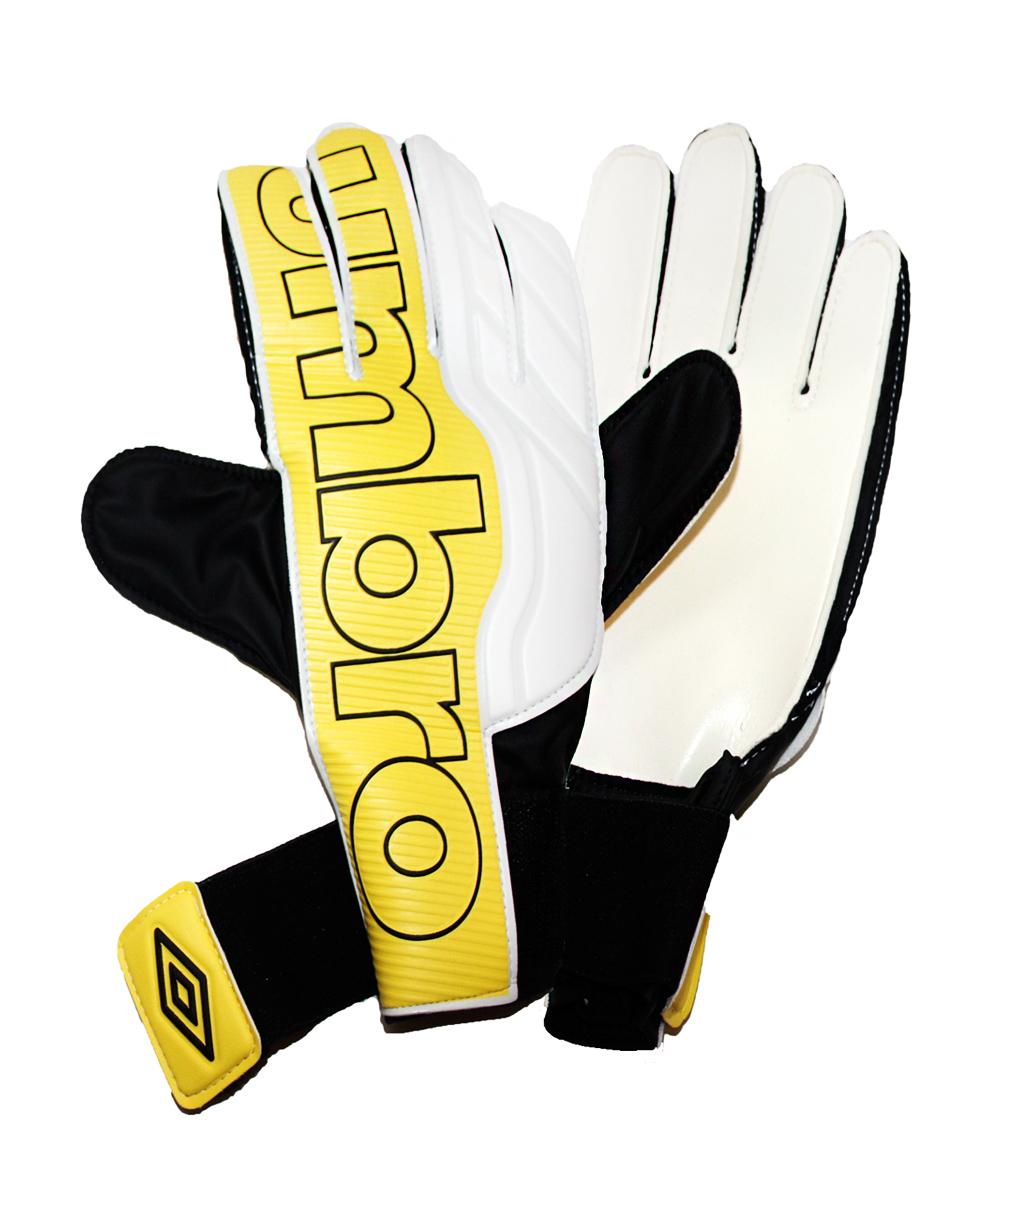 Купить перчатки Umbro Veloce Cup 20089U в интернет-магазине